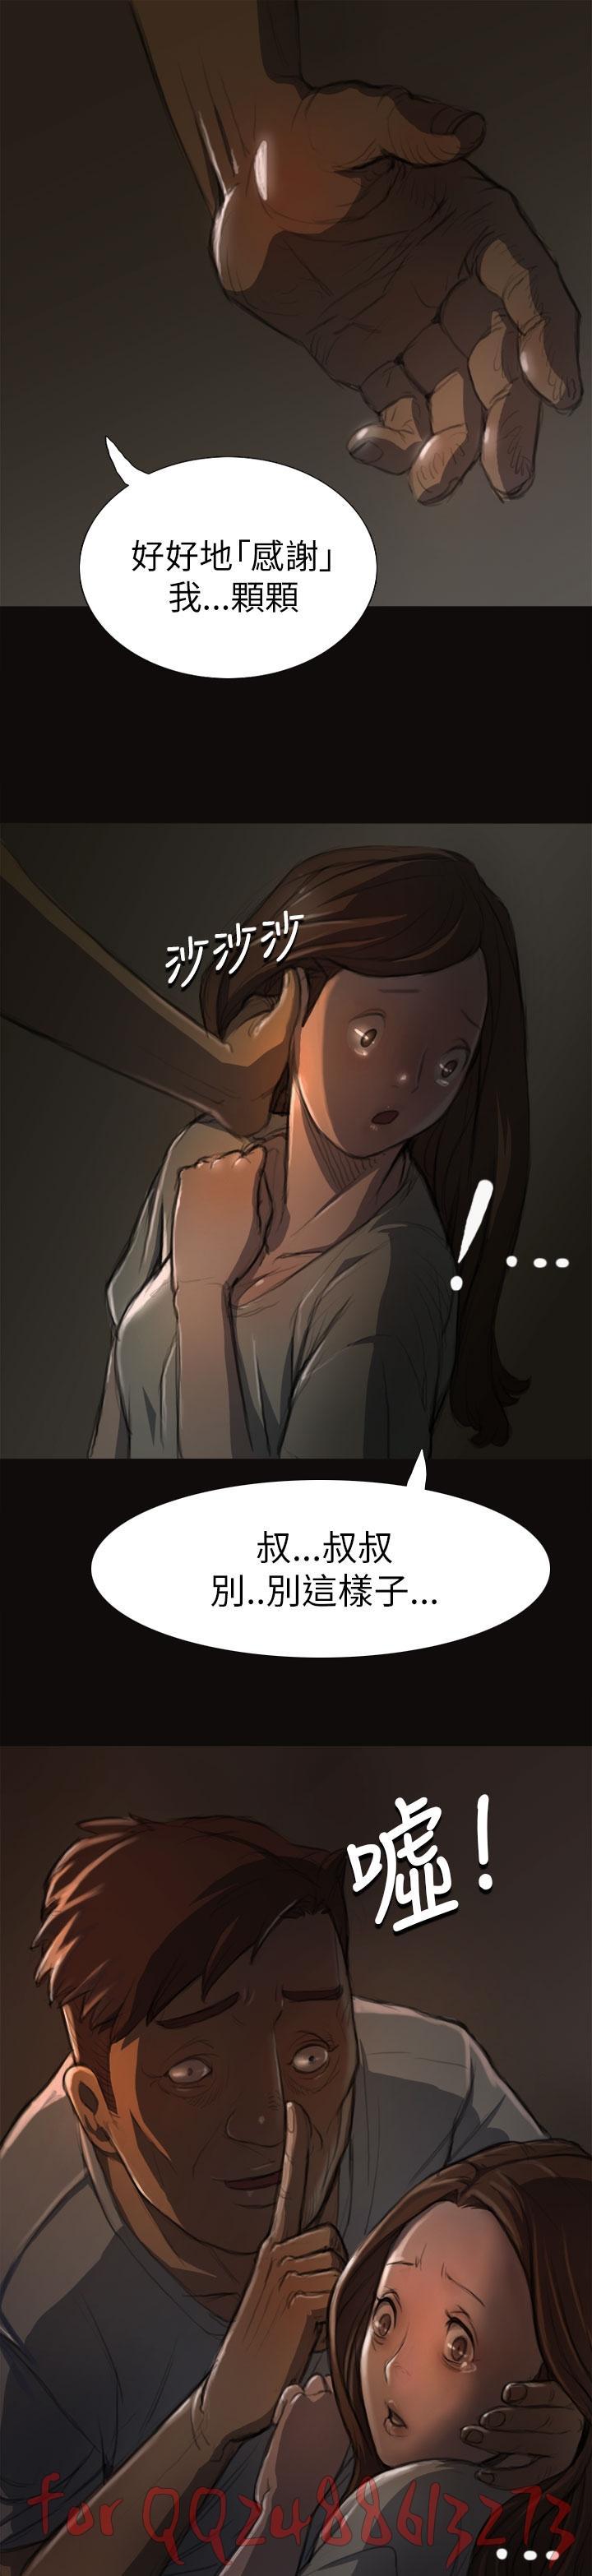 姊姊: 莲 第1~10話 [Chinese]中文 105